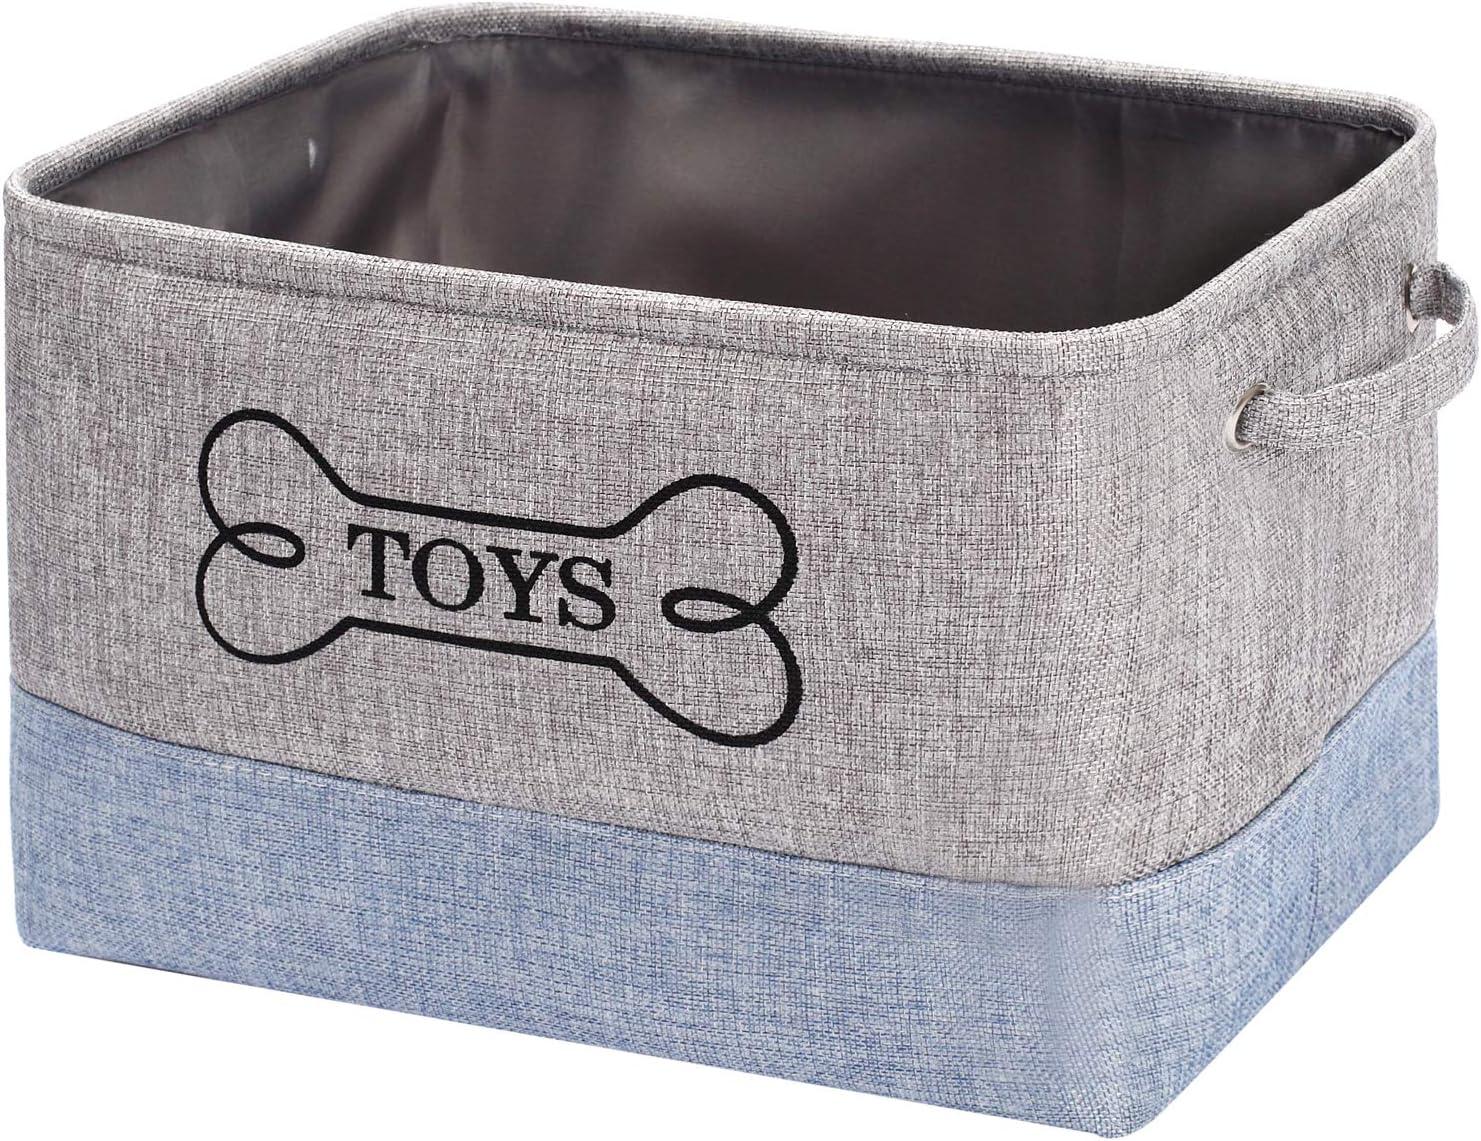 Cestas de almacenamiento para juguetes de perro ropa y libros con asa exterior organizador de almacenamiento para clasificar juguetes Geyecete